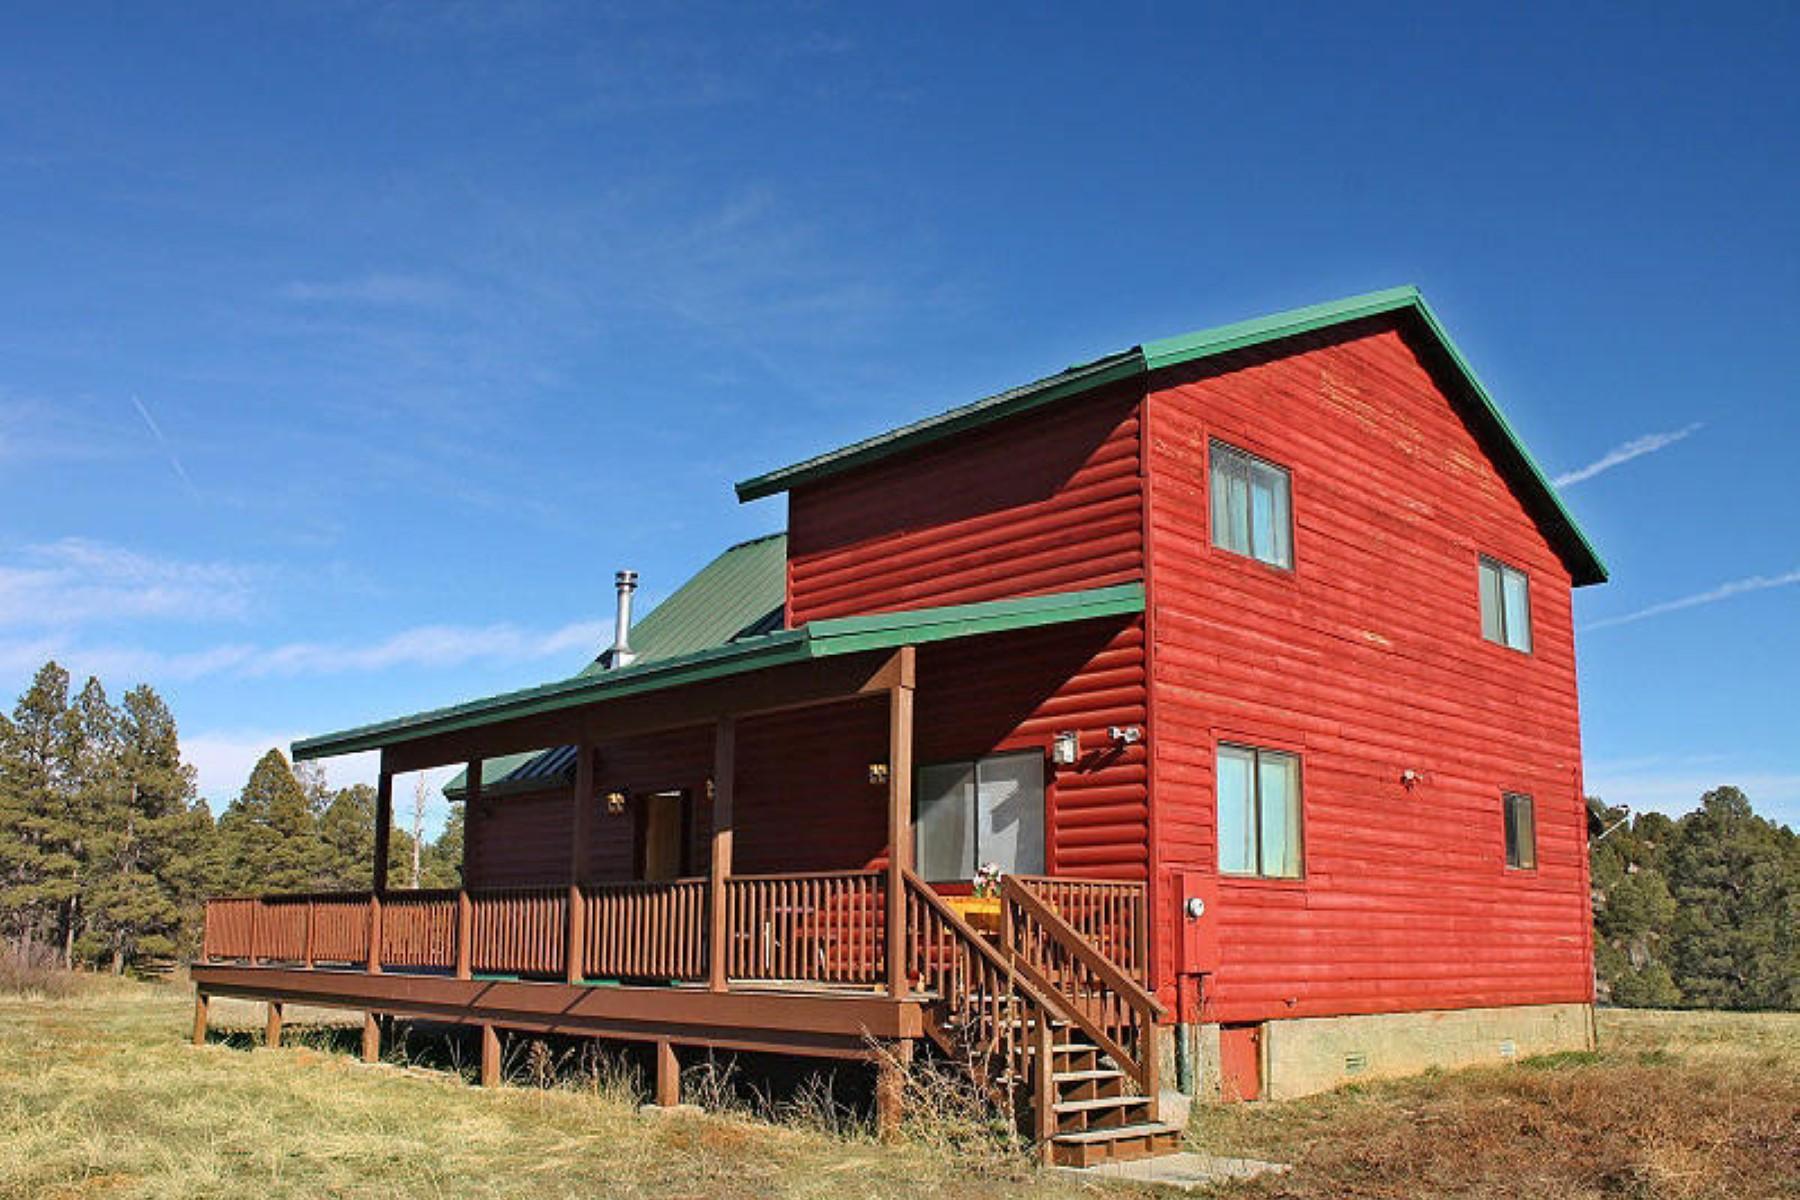 Casa Unifamiliar por un Venta en Family retreat in Heber 2973 Lone Tree Ln Heber, Arizona, 85928 Estados Unidos